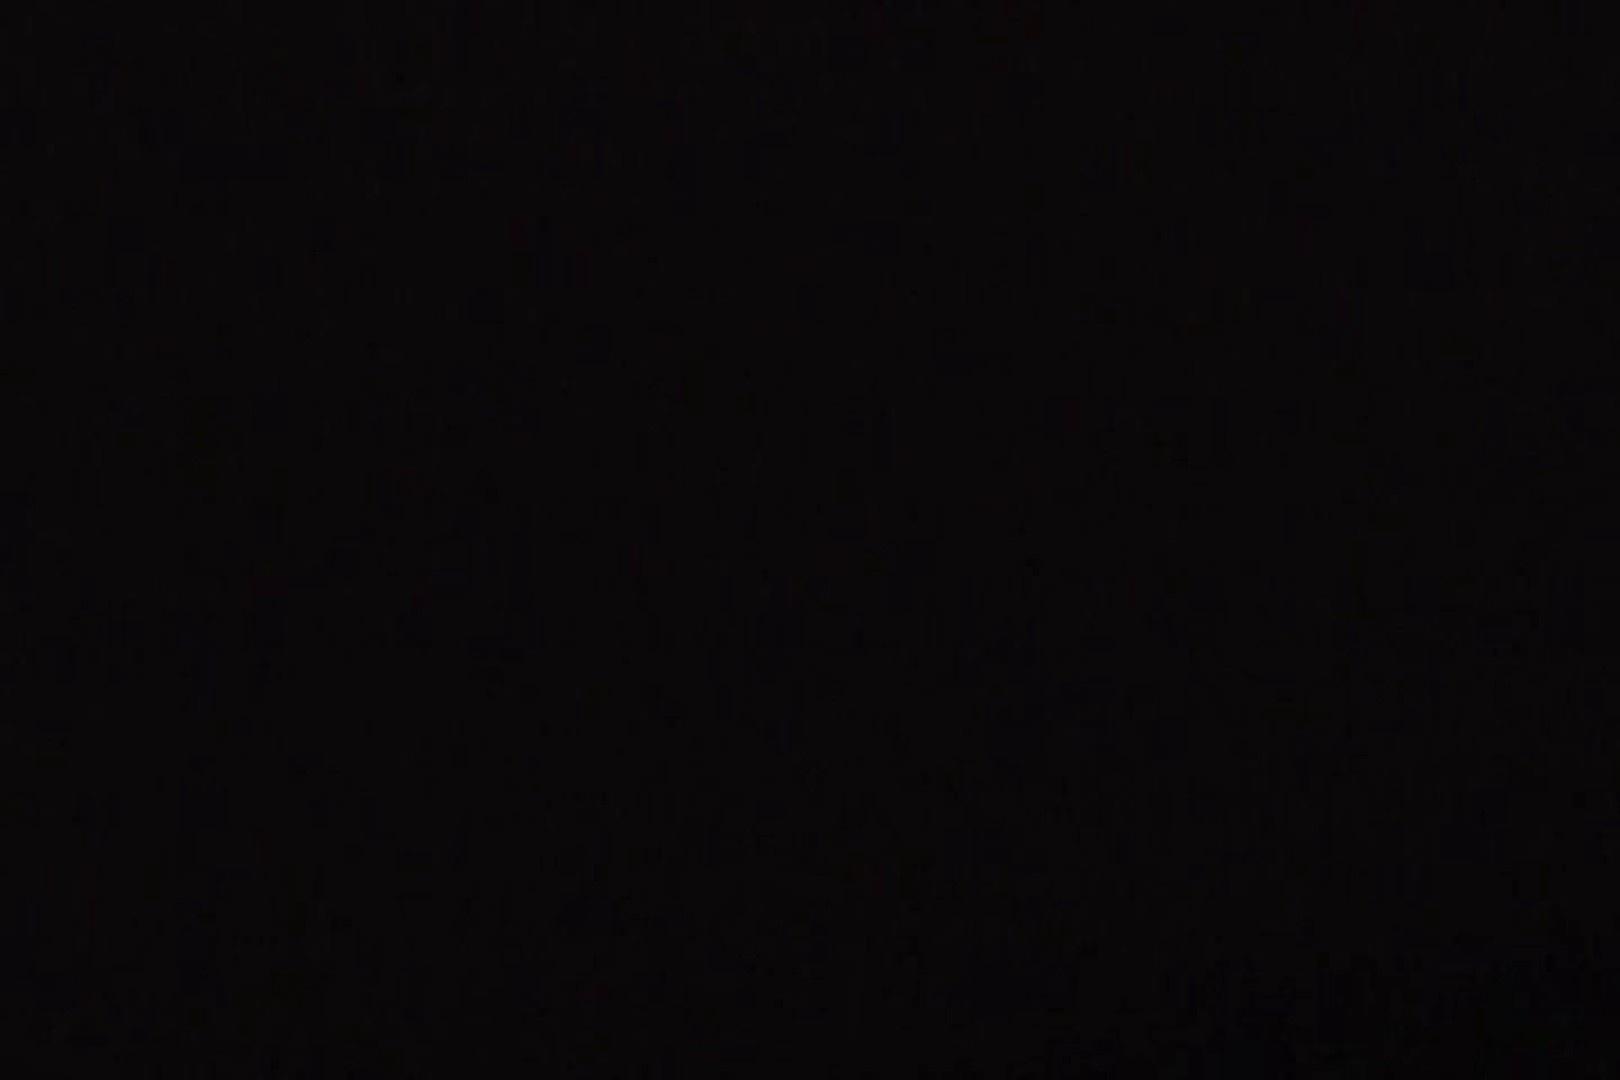 起きません! vol.06 OLハメ撮り  100Pix 59